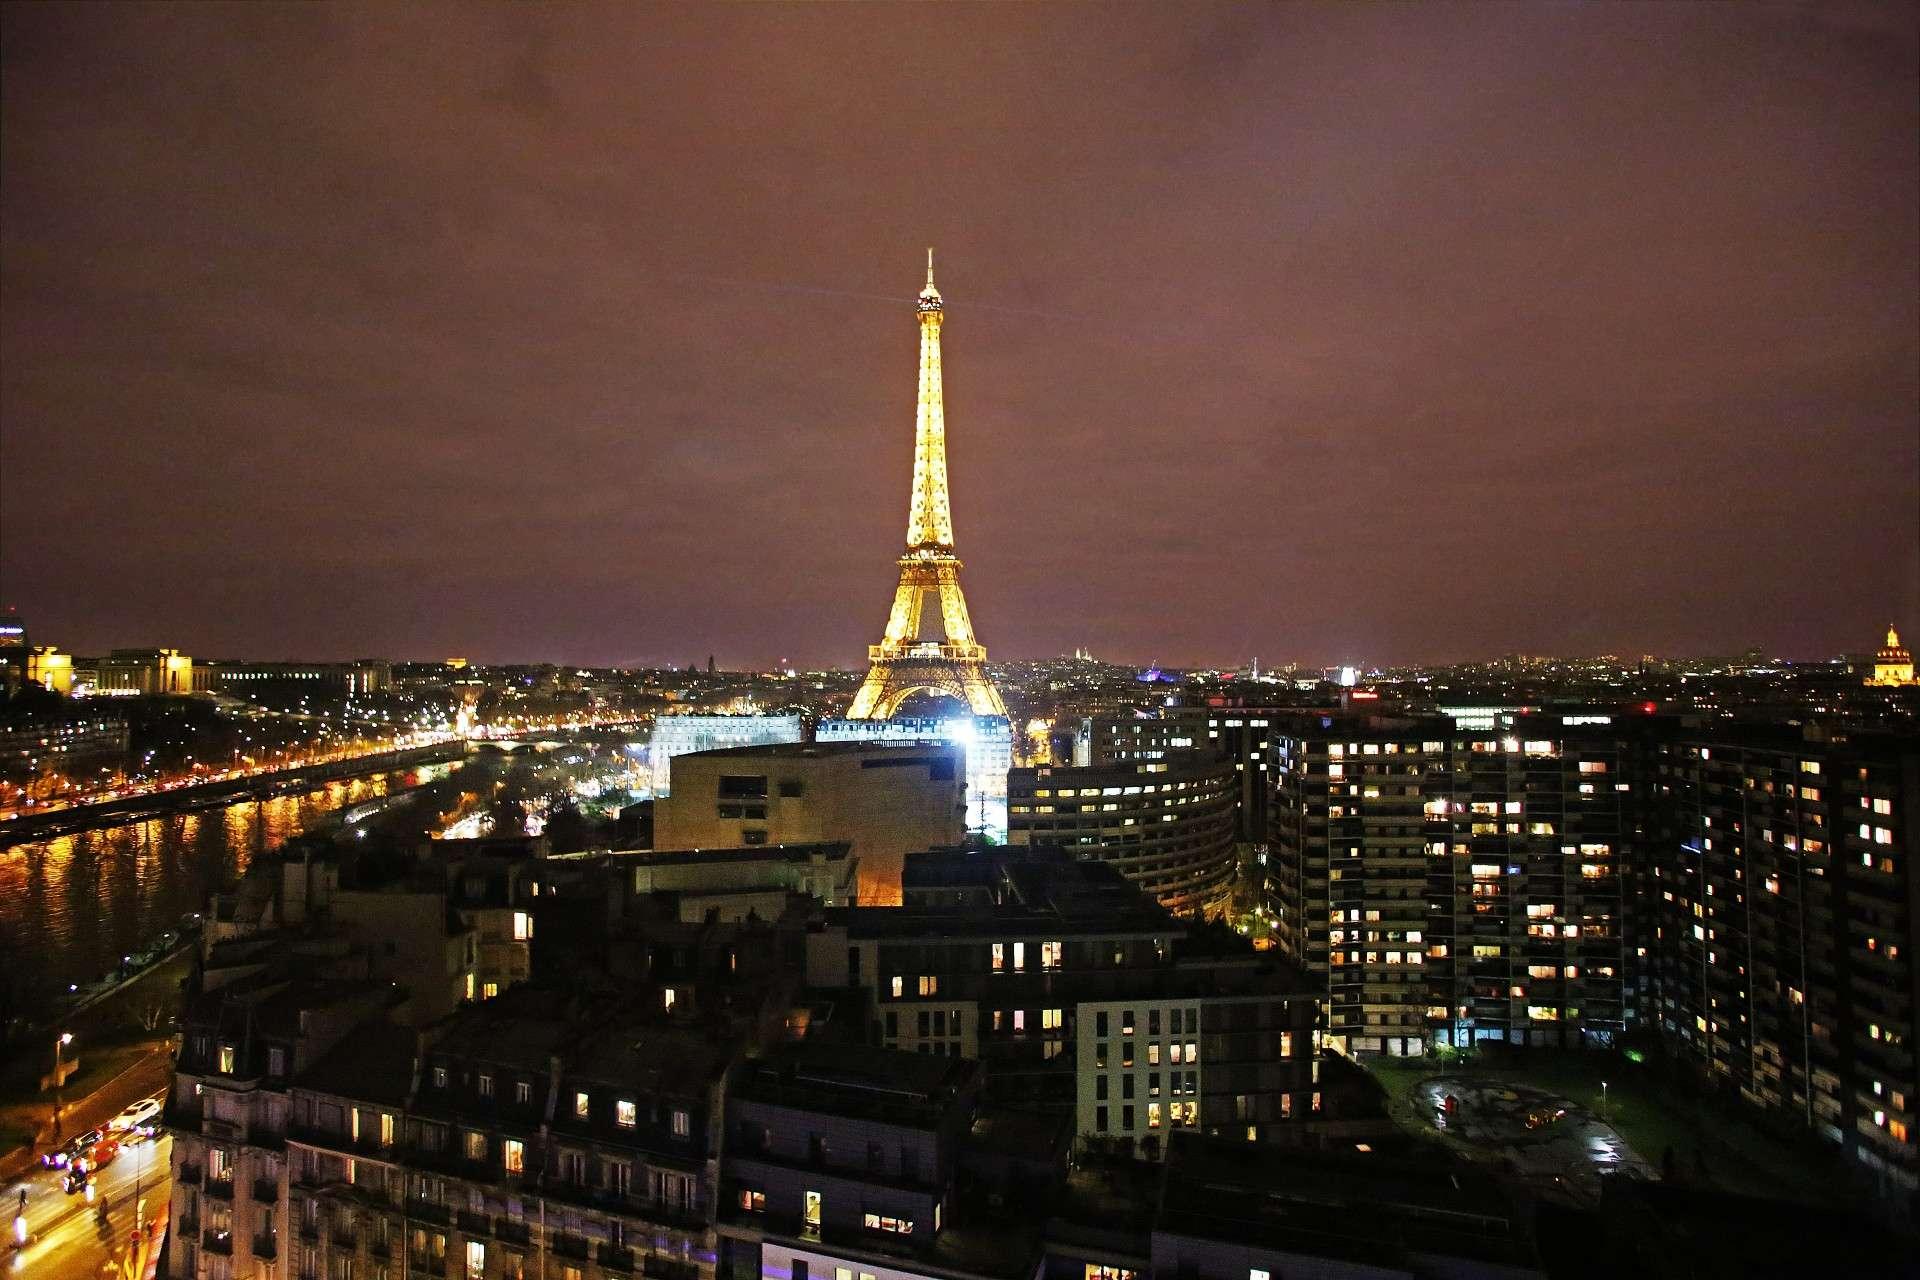 Luxury vacation rentals europe - France - Ile de france paris area - Paris - le Panoramique - Image 1/21